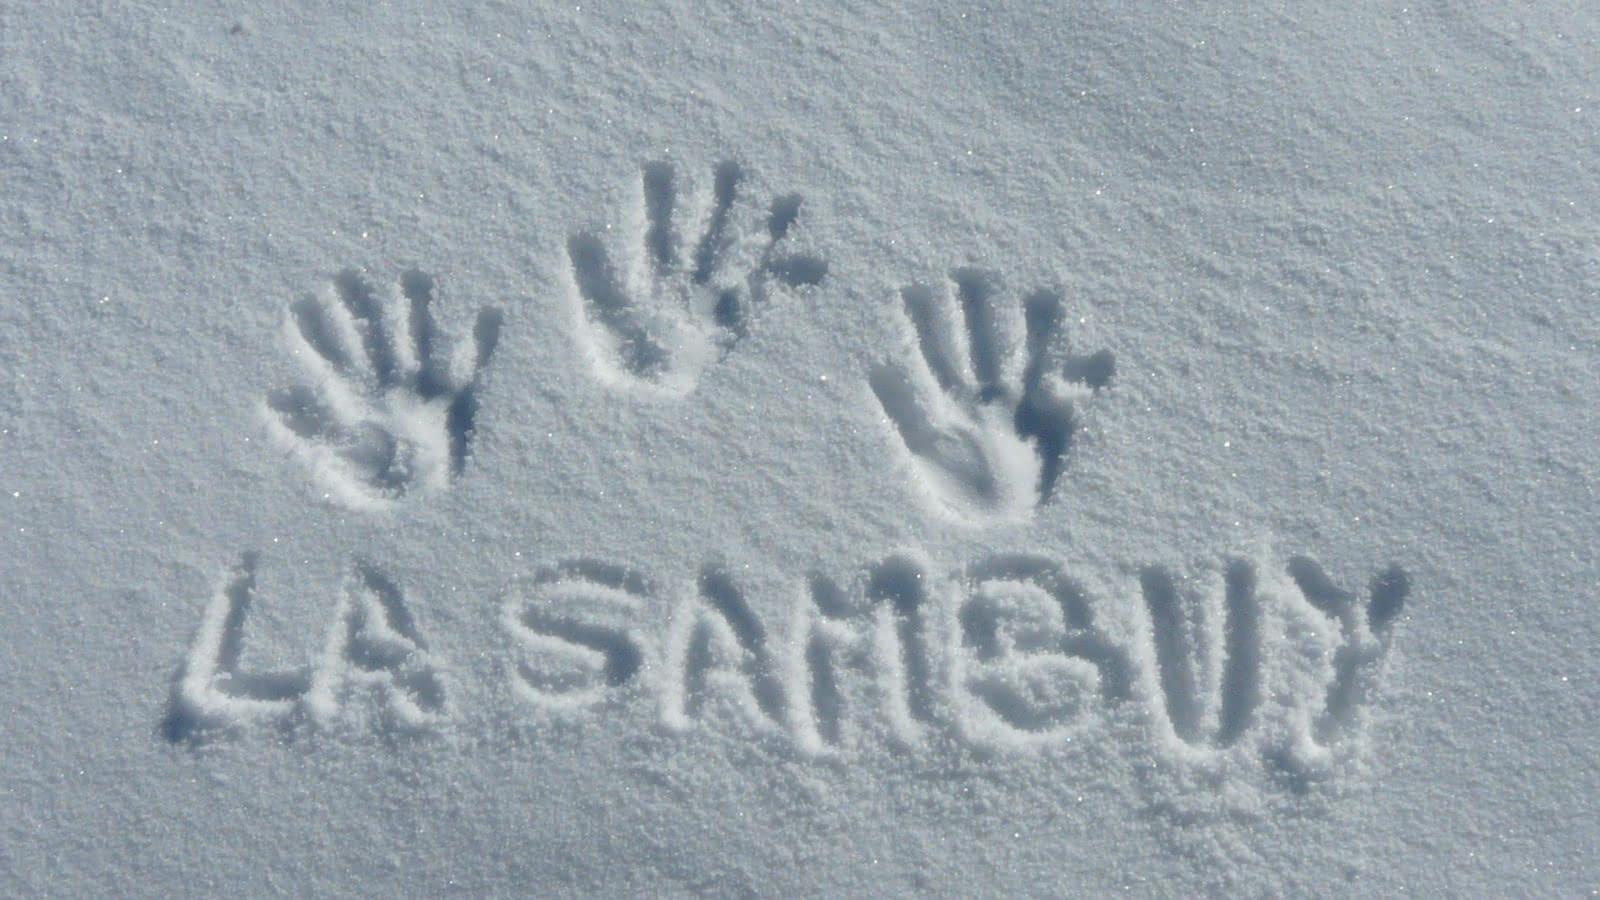 Traces de main dans la neige La Sambuy